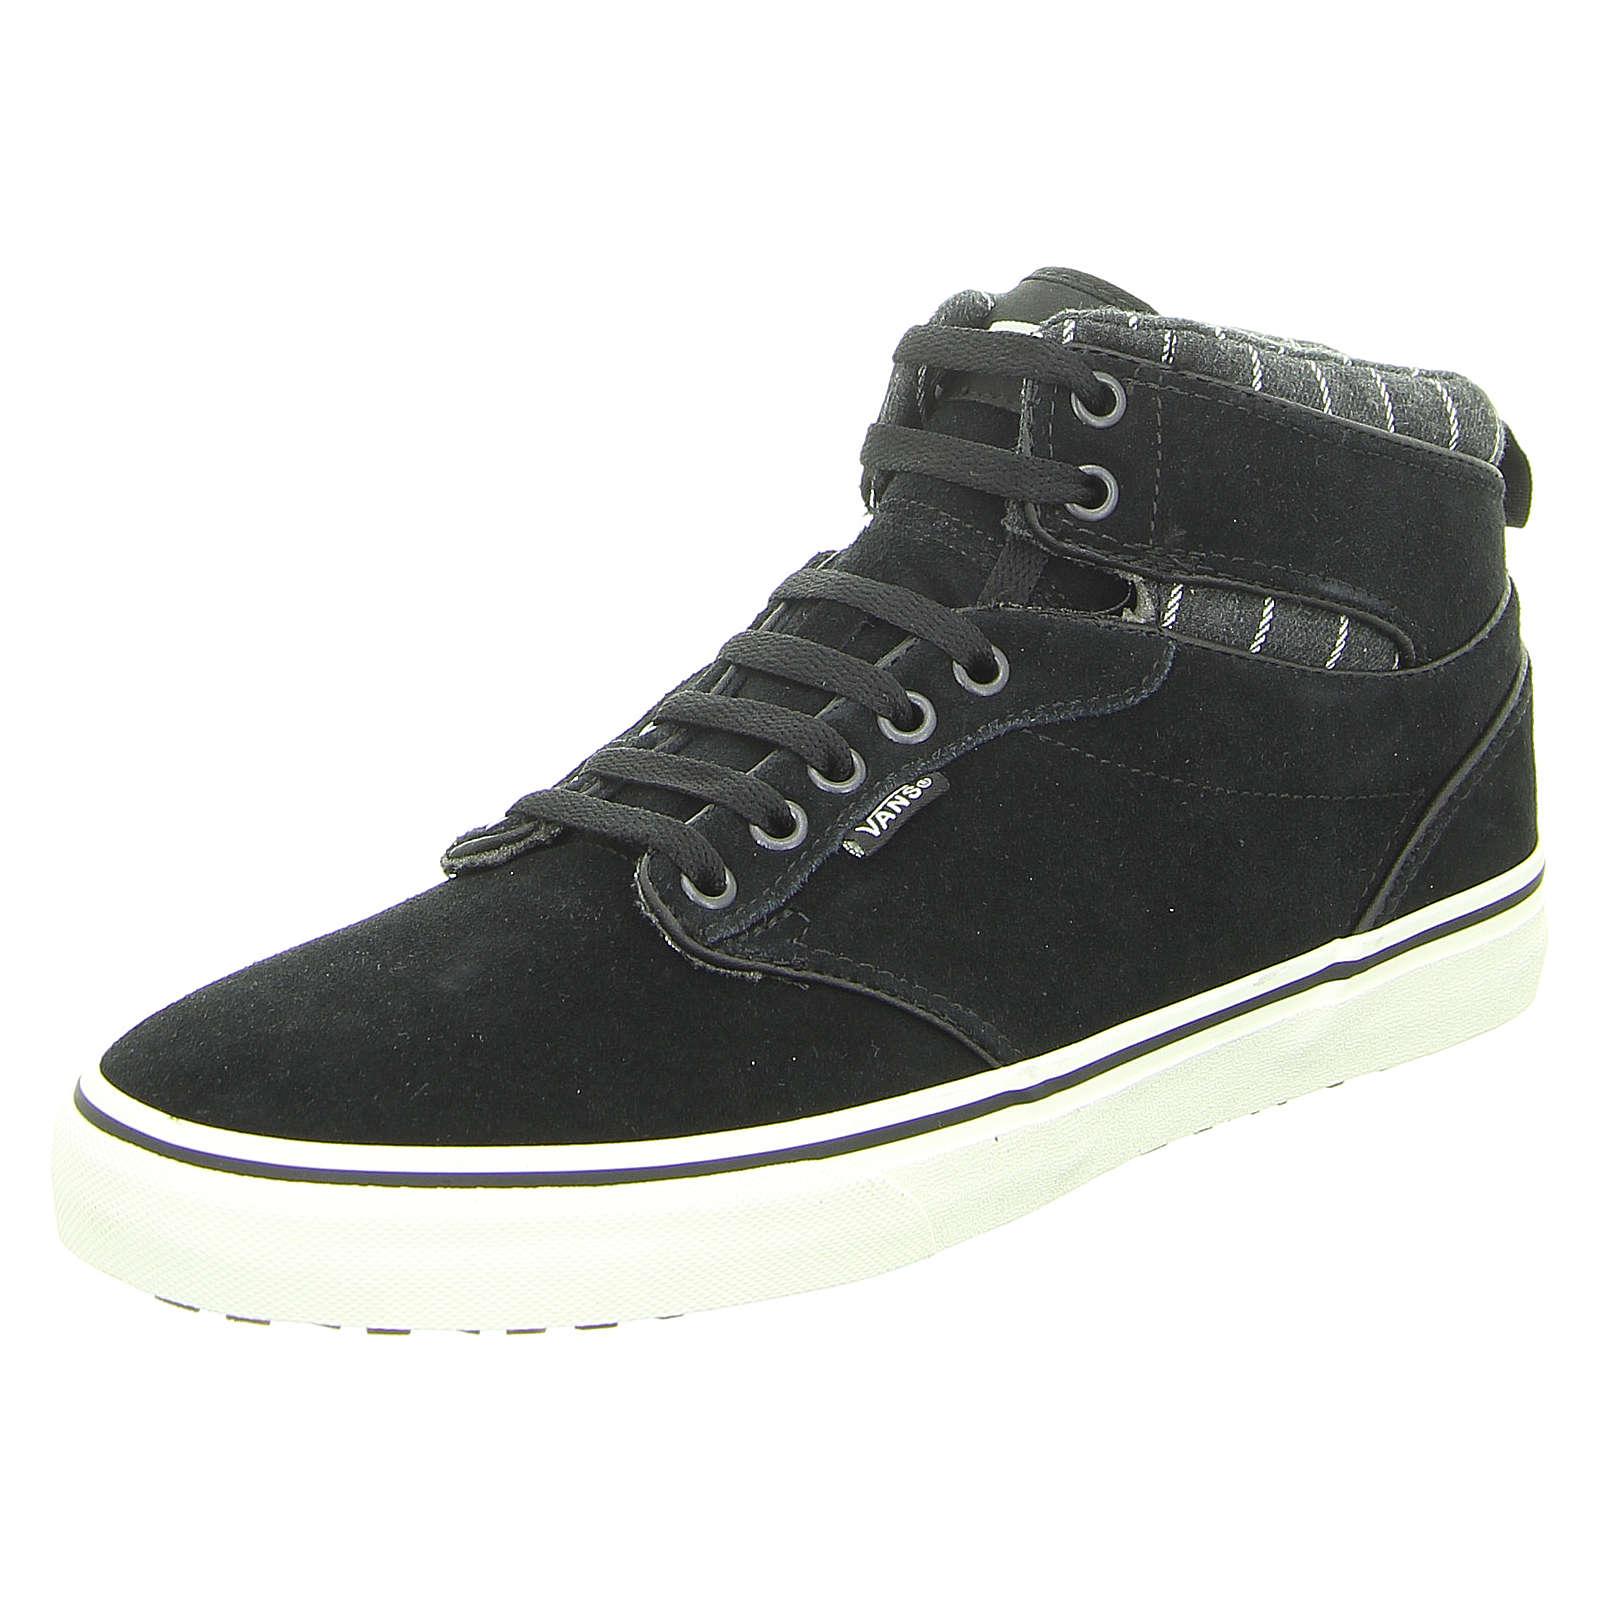 VANS Sneakers High schwarz Herren Gr. 43